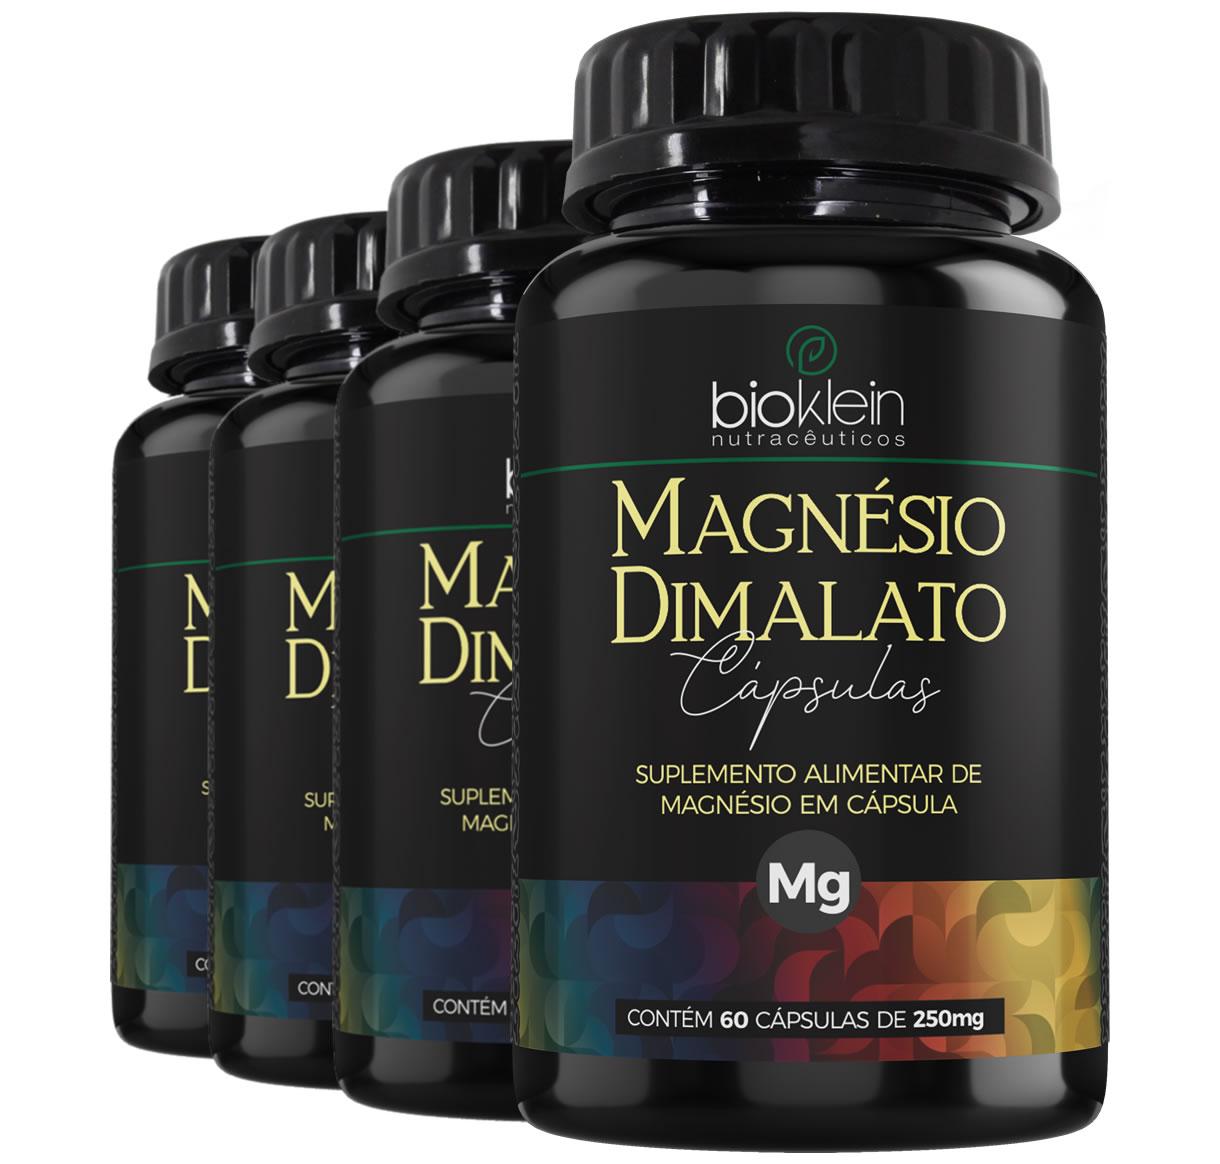 Magnésio Dimalato 130mg 240 Cápsulas (4x60) Bioklein